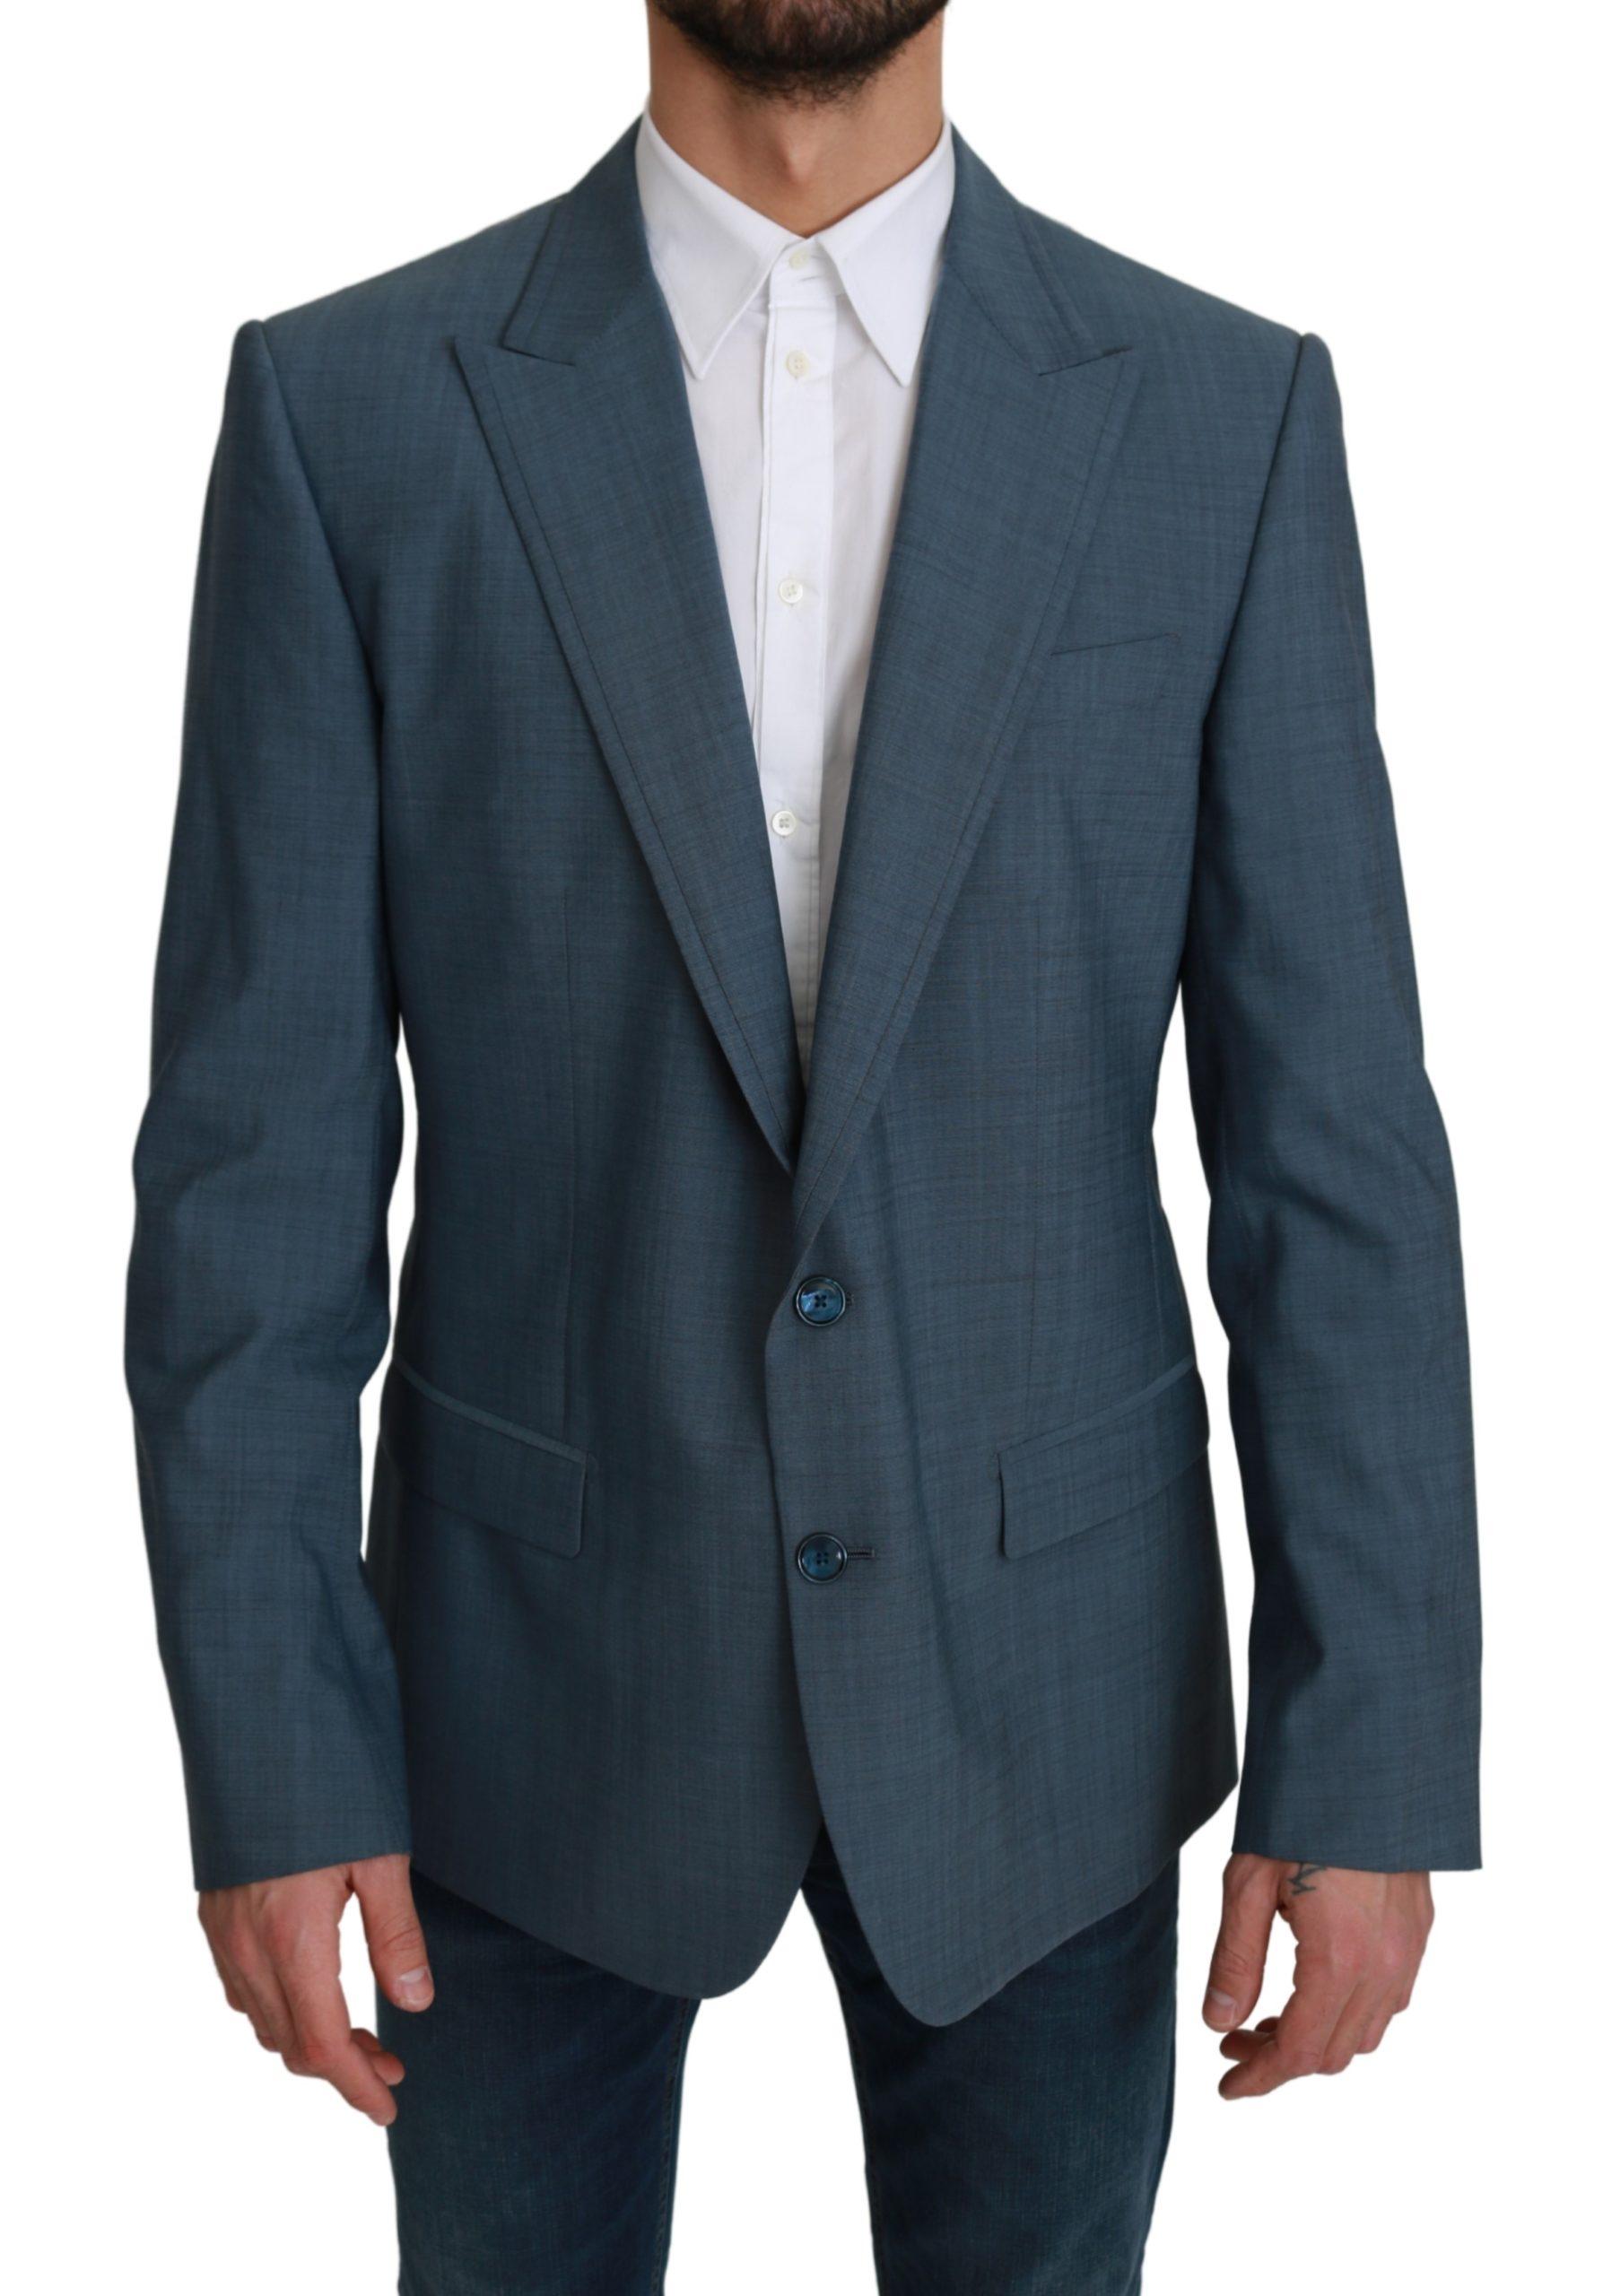 Dolce & Gabbana Men's Single Breasted Formal Wool Blazer Light Blue KOS1743 - IT54 | XL